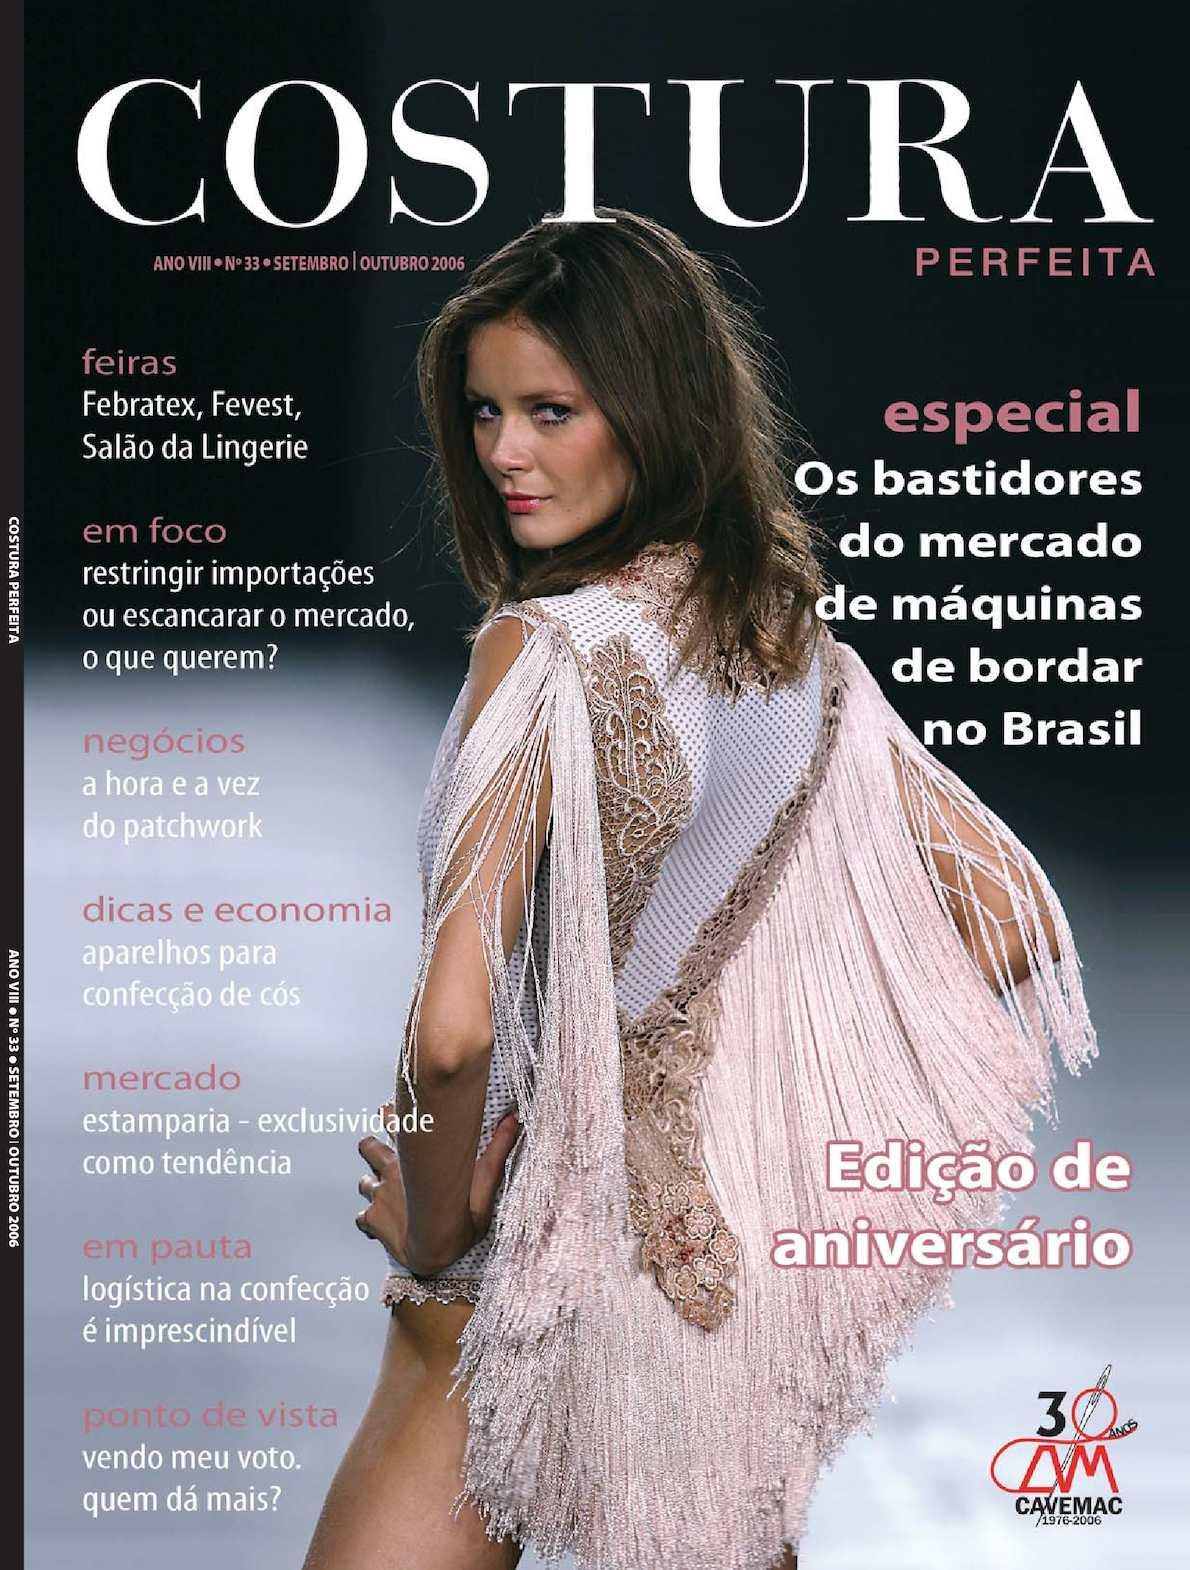 b525253d1 Calaméo - Revista Costura Perfeita Edição Ano Viii N33 Setembro Outubro 2006